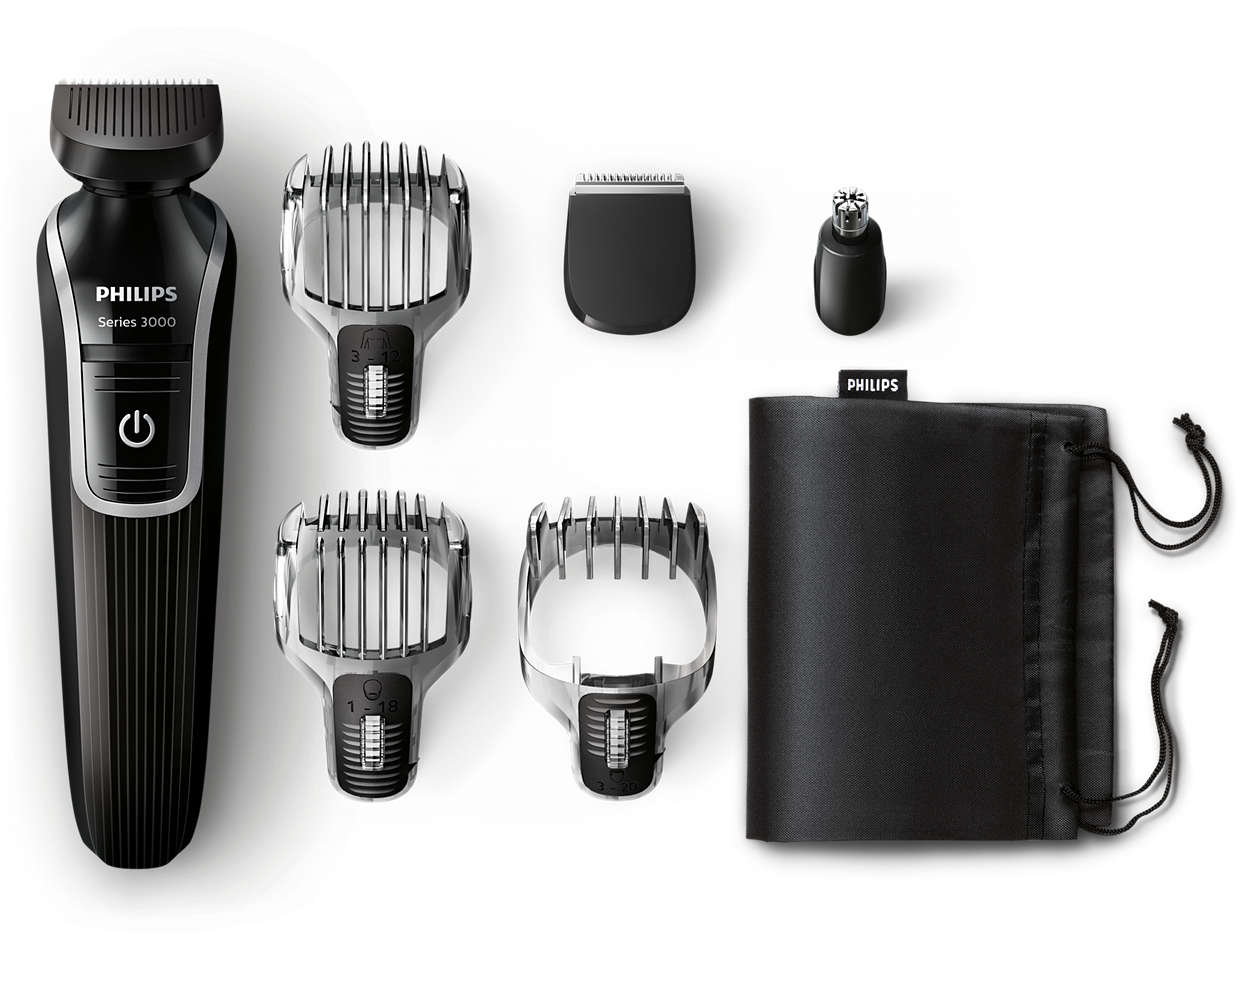 Uniwersalny trymer do brody, włosów i ciała